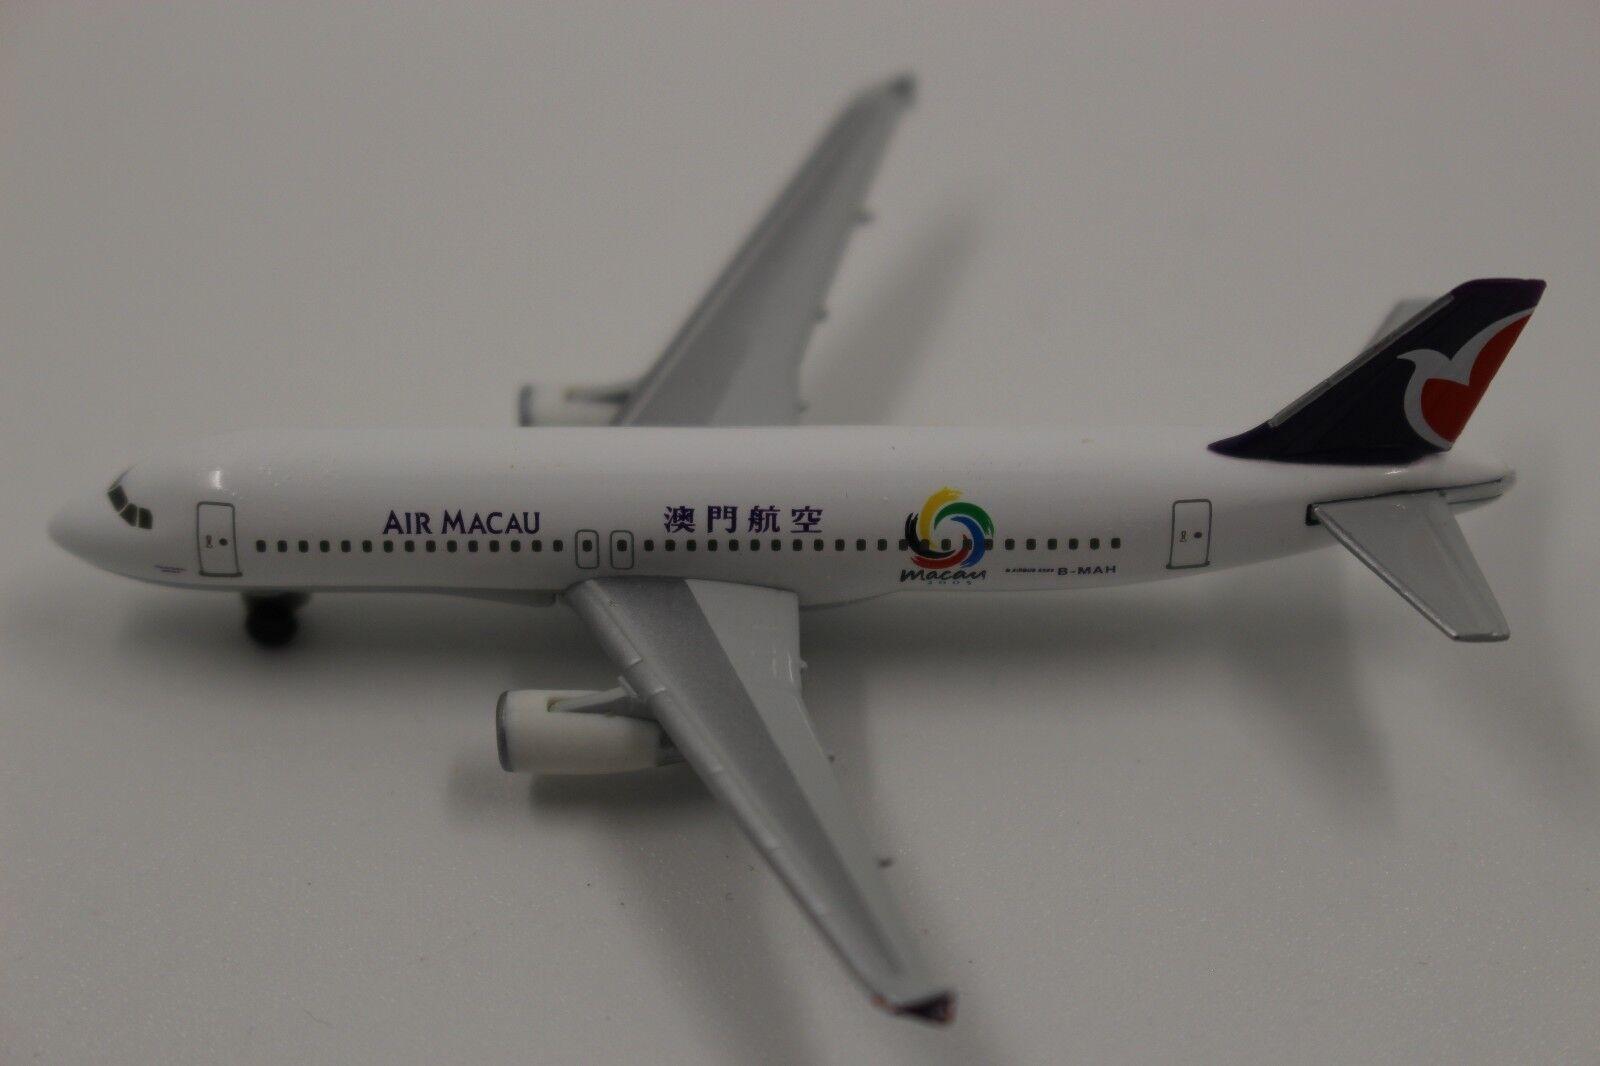 Herpa Herpa Herpa Wings 1 500 Air Macau Airbus A320 East Asian Games (501798) RAR 122f82